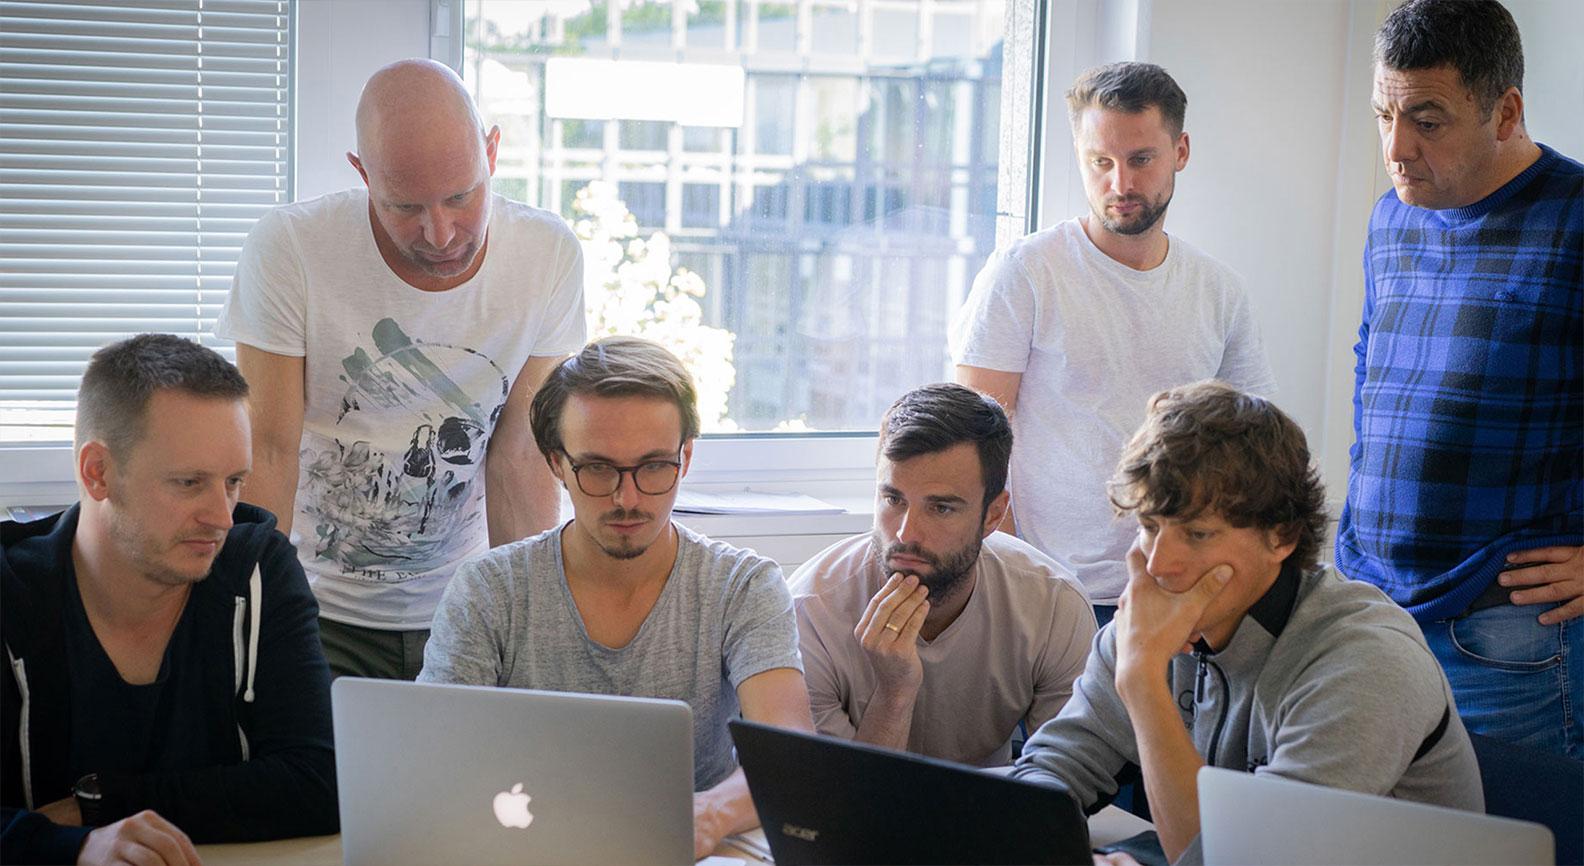 Männer sitzen vor Laptops